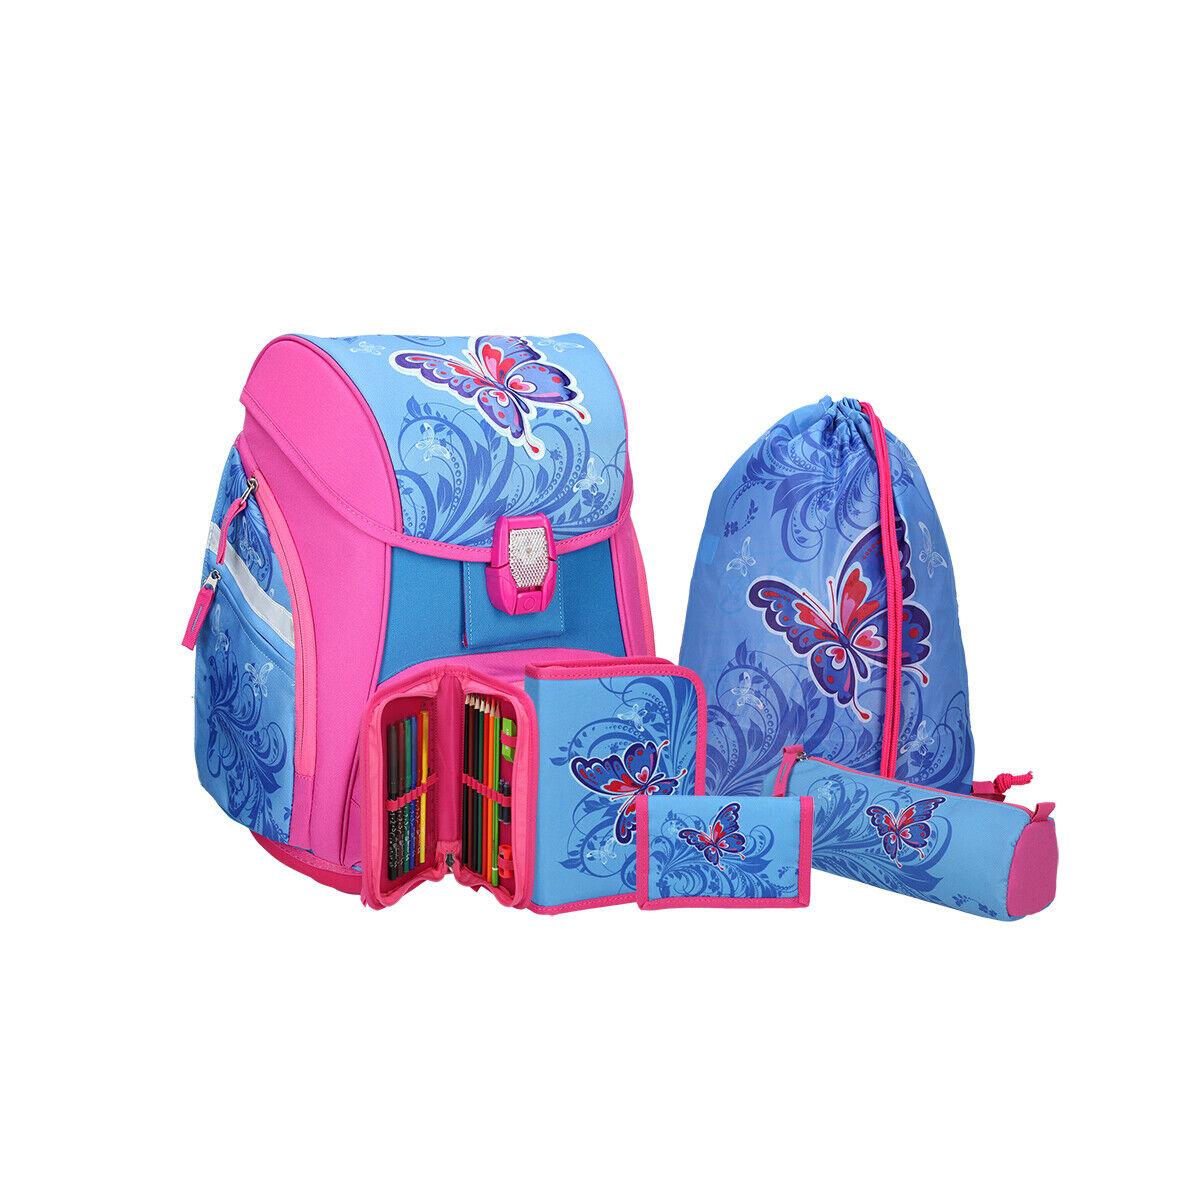 SPIRIT Schulranzen Set 5teilig PRO LIGHT  Butterfly  | Die Königin Der Qualität  | Stil  | Sale